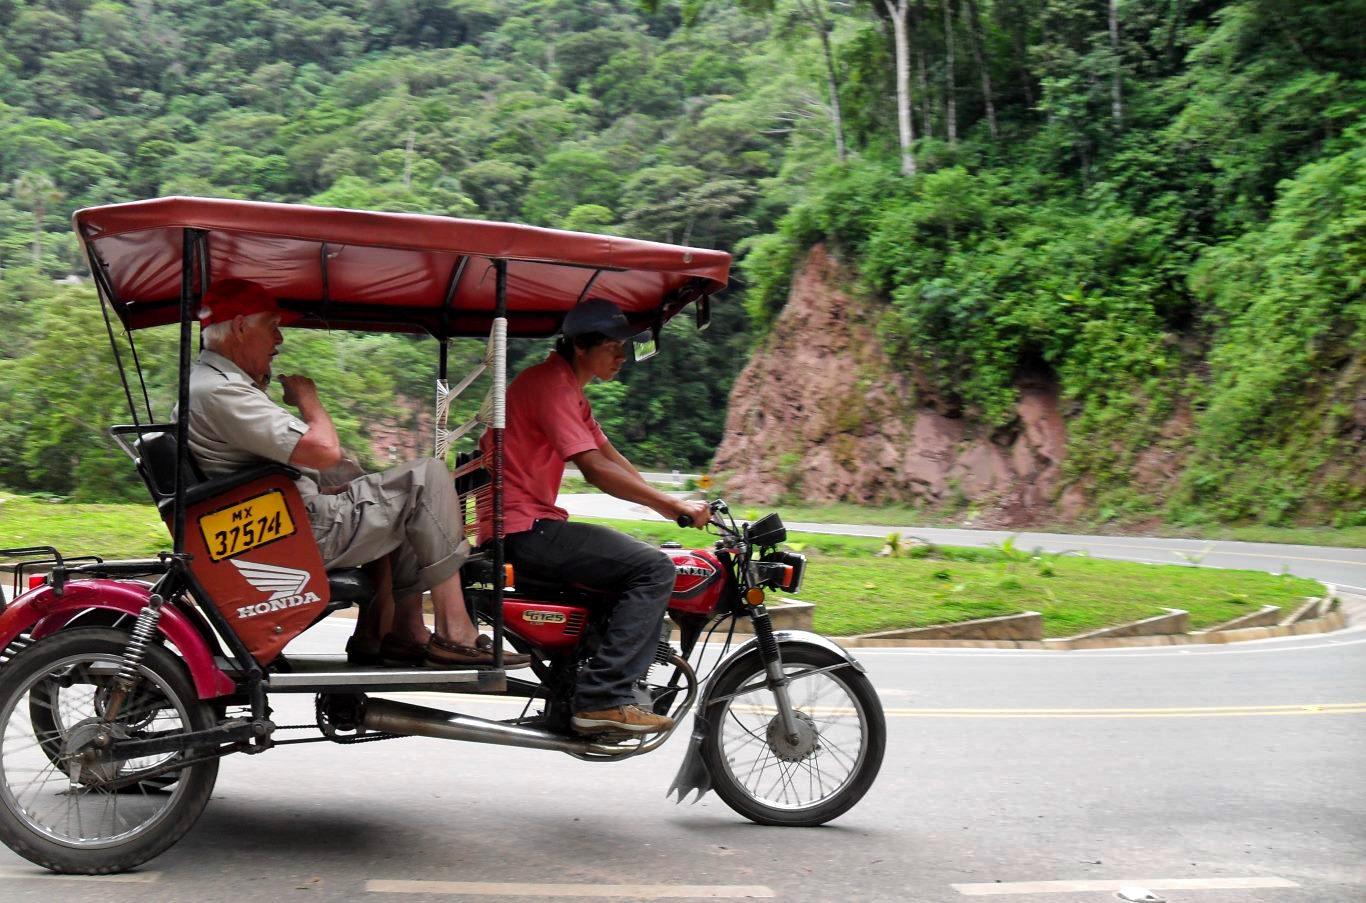 Public transport in Peru: Mototaxi